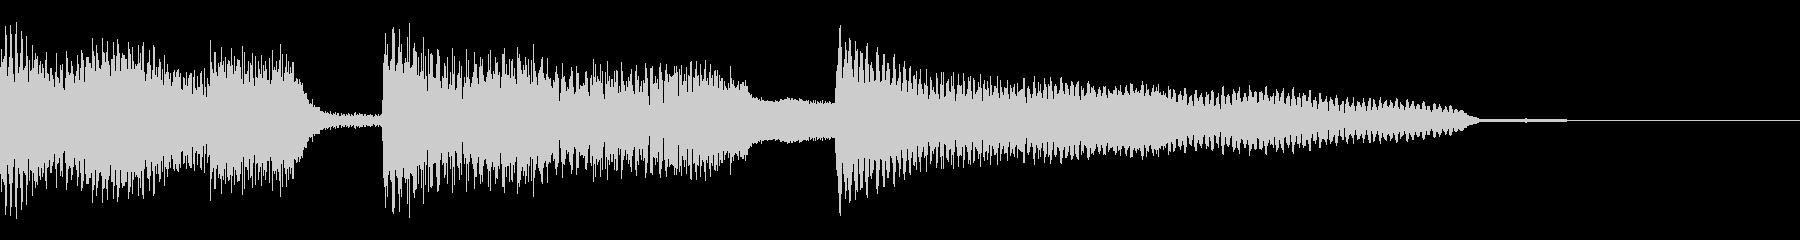 オシャレなエレクトリックピアノのジングルの未再生の波形